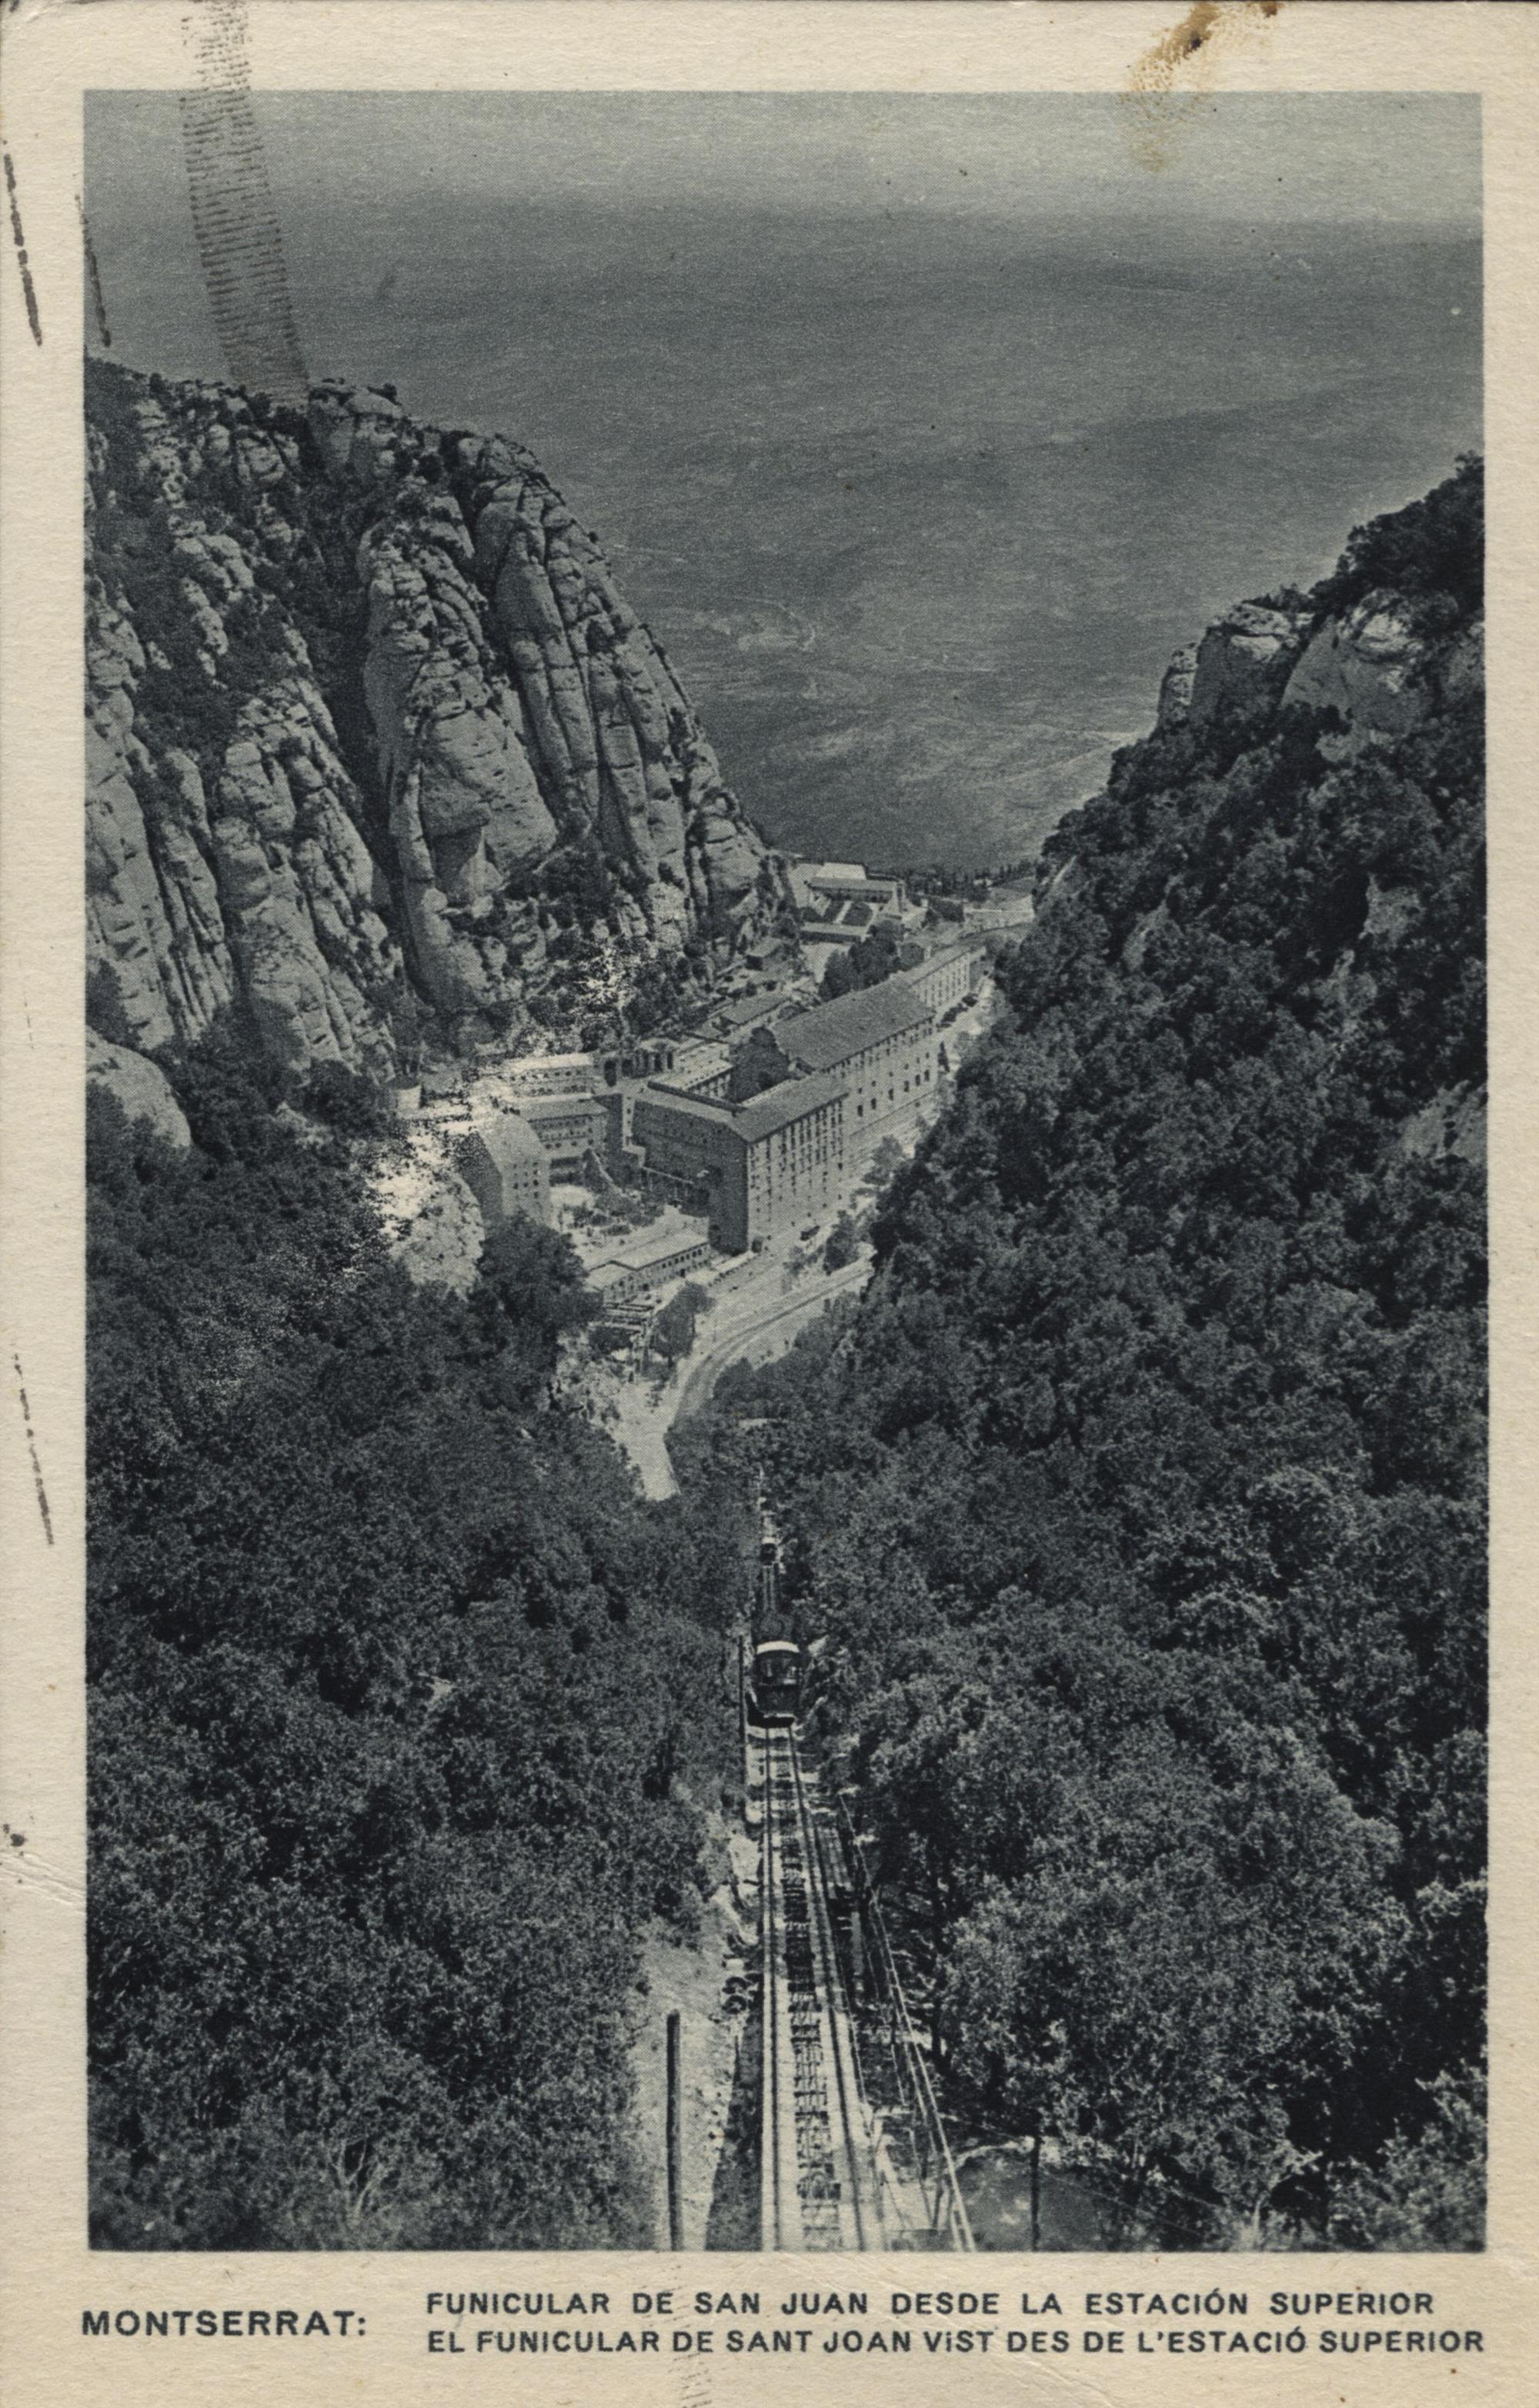 Montserrat album de postals 20101125150432073 girada girada